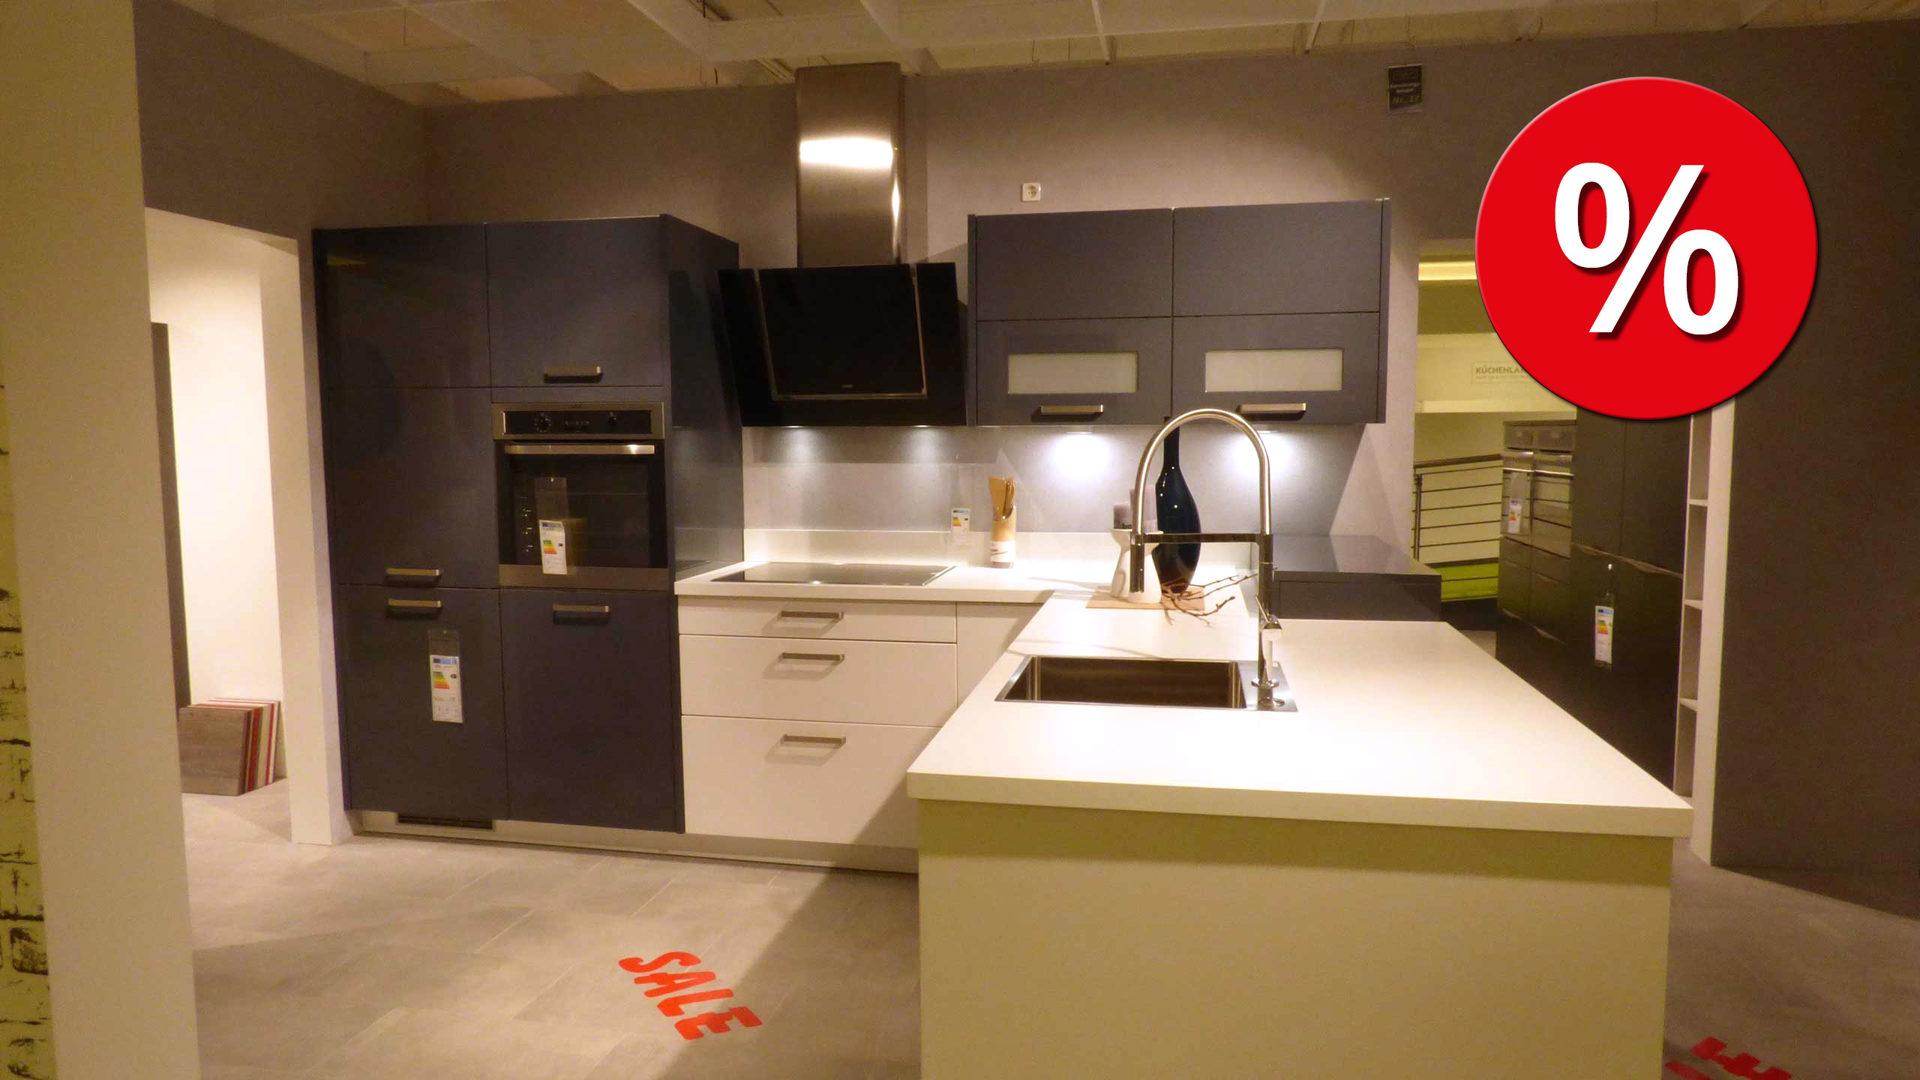 Einbauküche weiß günstig  culineo Küche C515 Einbauküche inkl. AEG E-Geräte und Designer Box ...